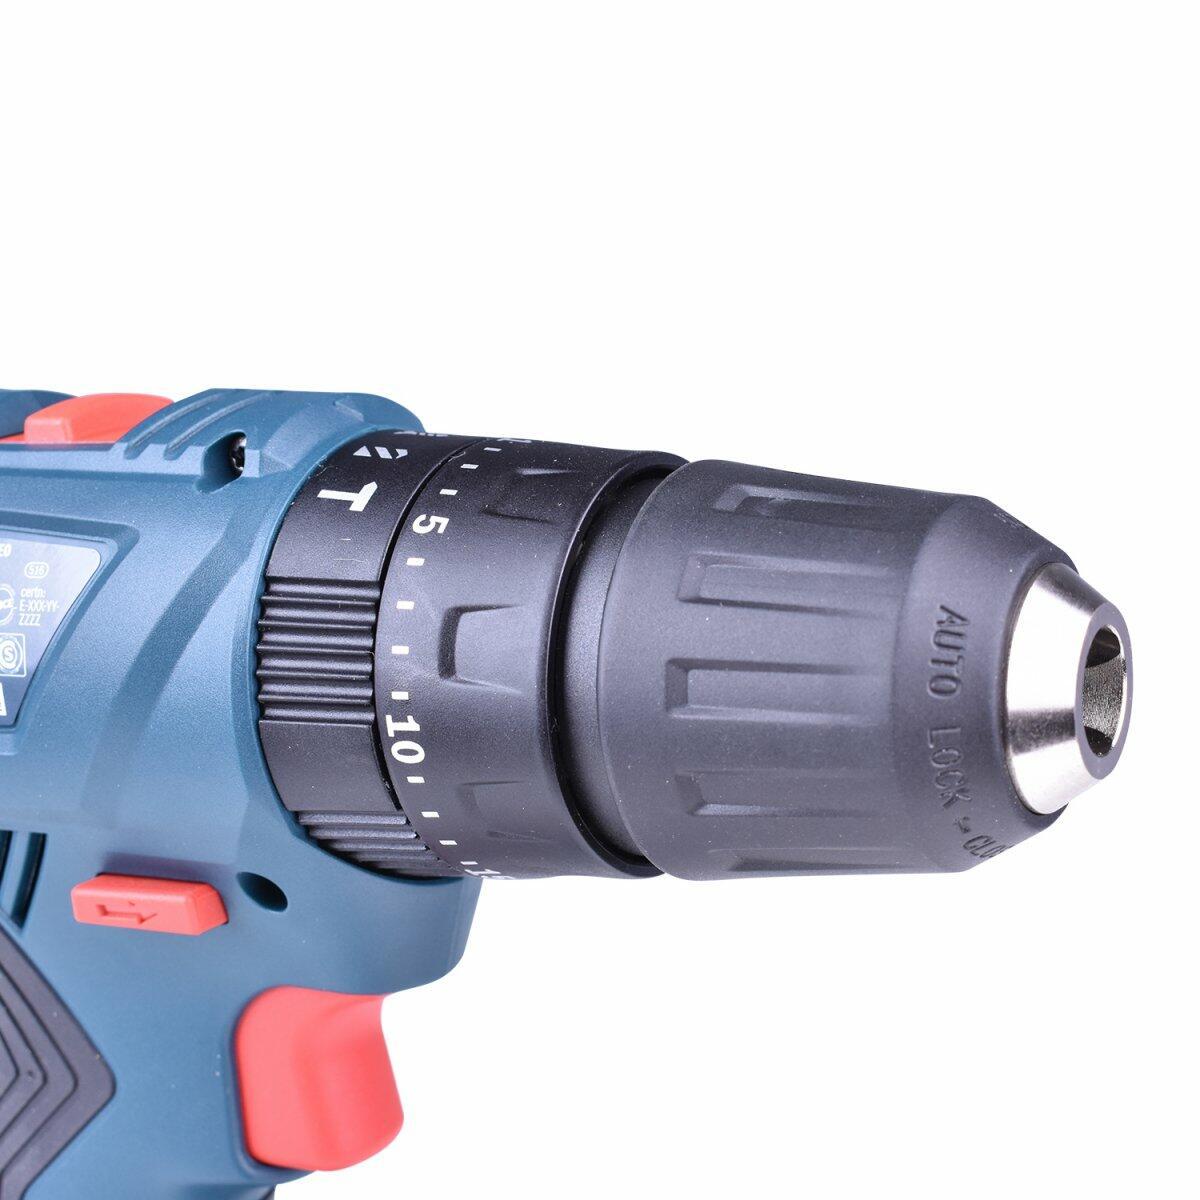 """Chave de Impacto 1/4"""" e 1/2"""" 18V Gdx180-LI + Parafusadeira / Furadeira de Impacto Gsb180-Li + Carregador com 2 Baterias 18V + Bolsa Ferramentas Bosch"""